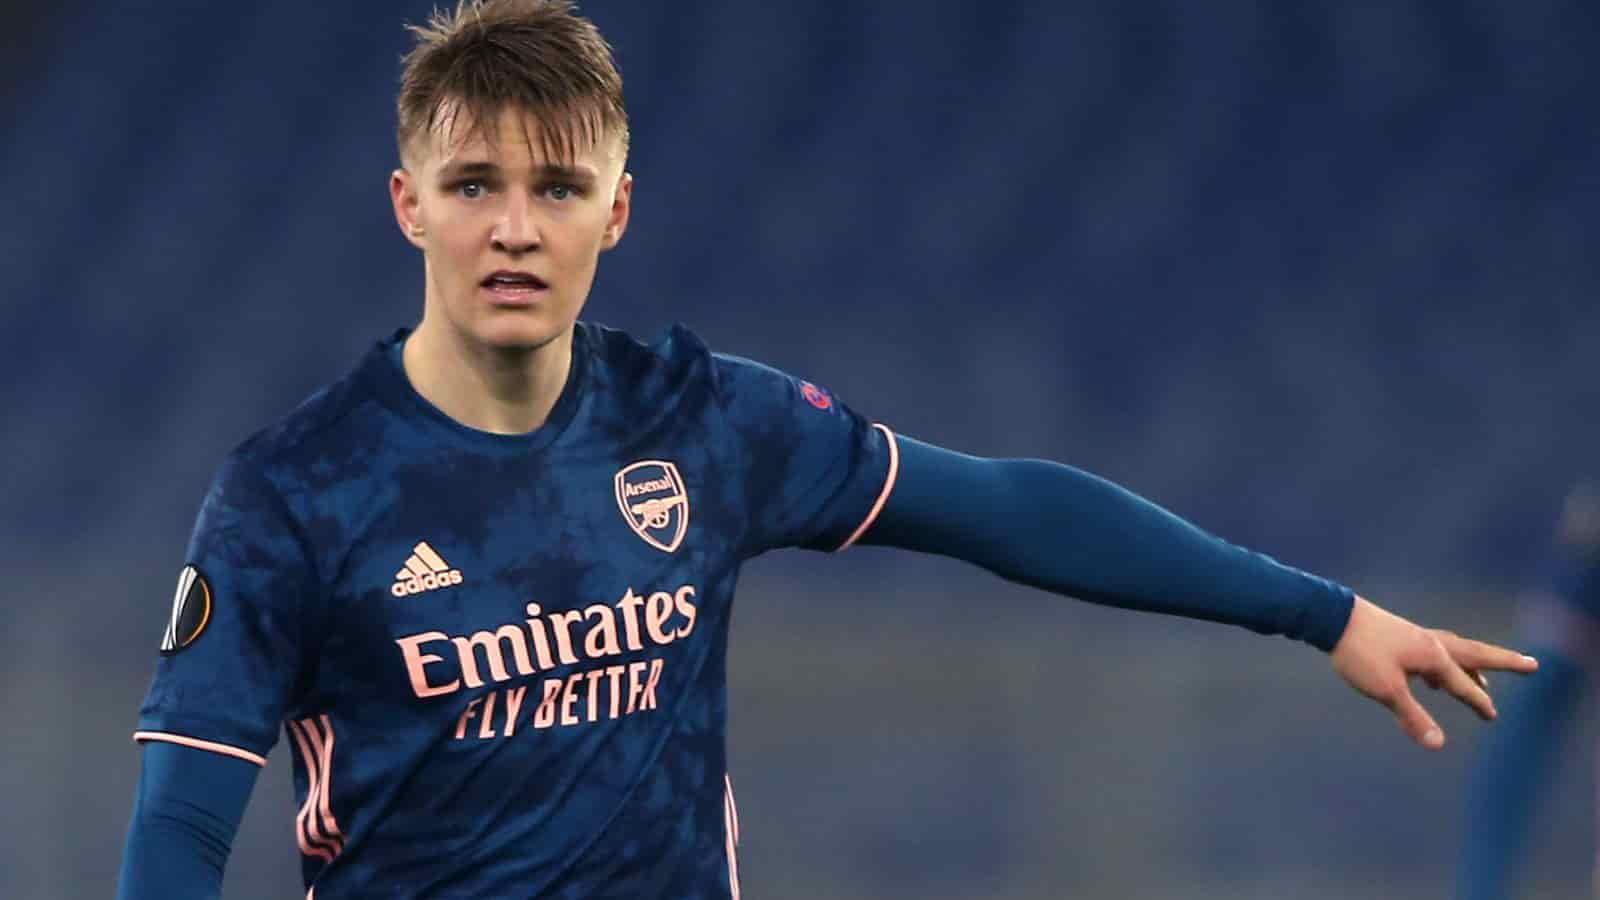 Tin đồn và tin chuyển nhượng Arsenal: Kỳ chuyển nhượng mùa Hè 2021